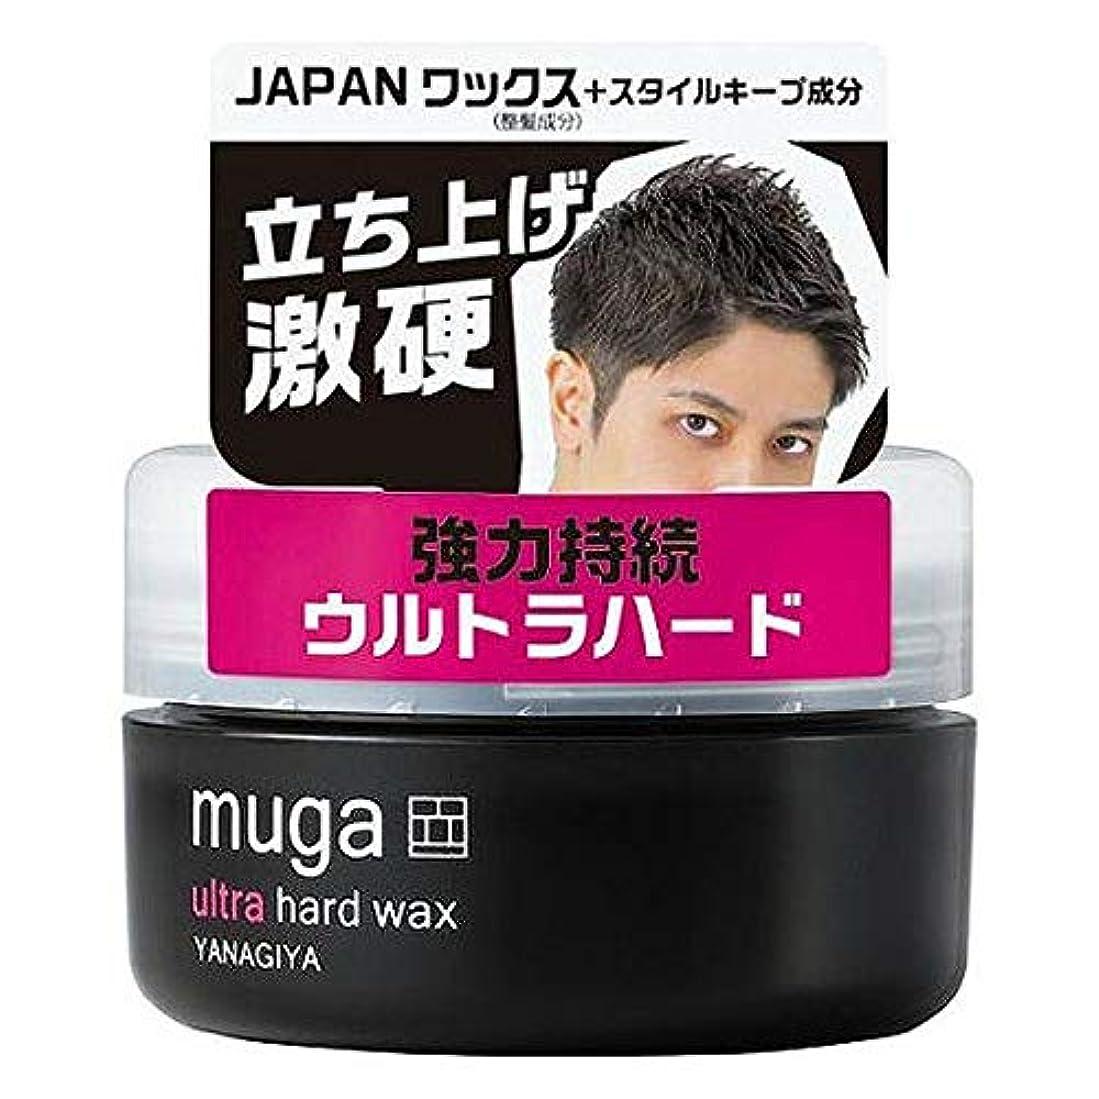 迅速夜間炎上【柳屋本店】MUGA ウルトラハードワックス 85g